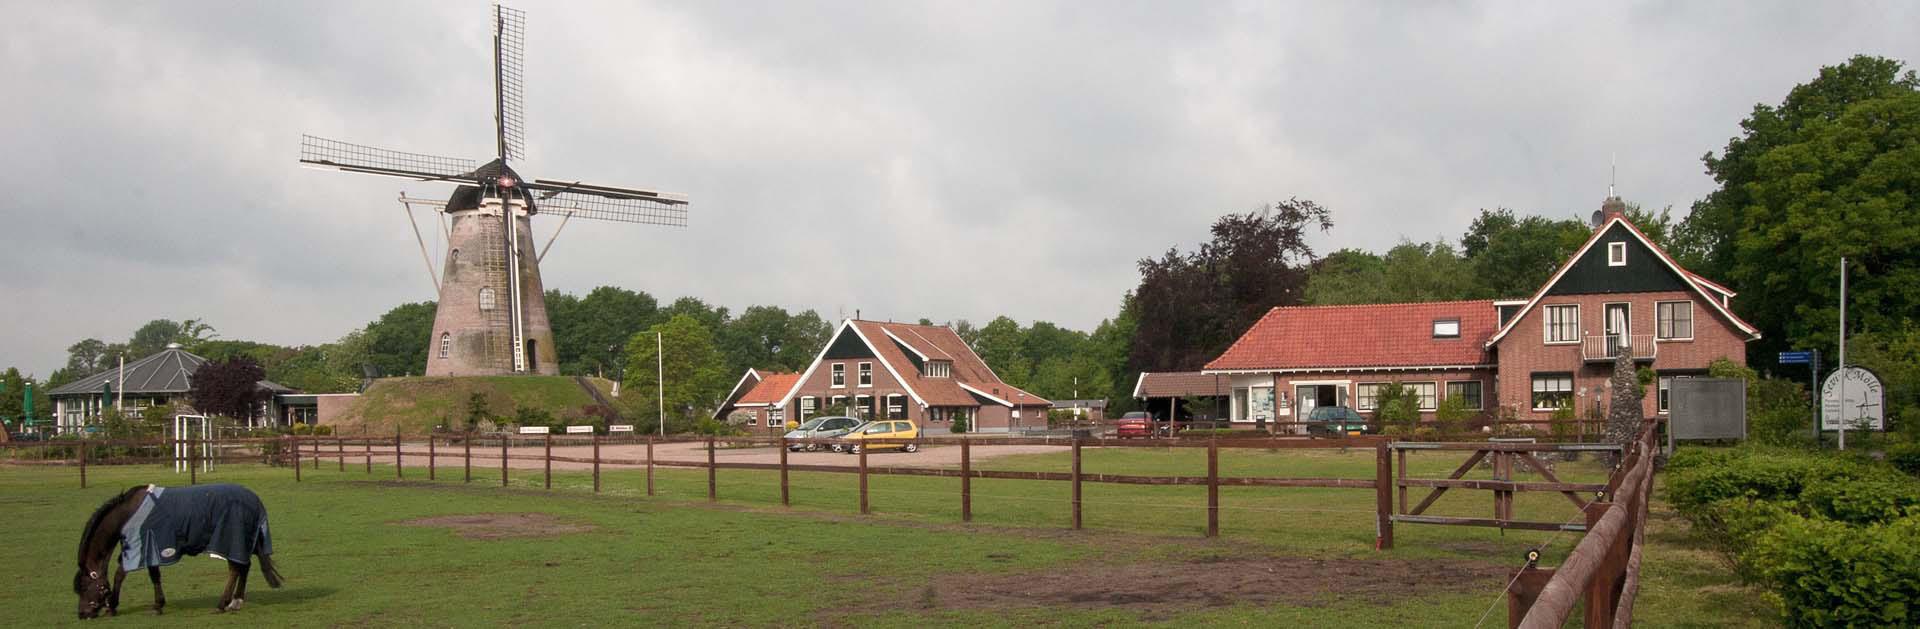 Sevink Mölen - Winterswijk Meddo Regio Achterhoek - Liemers